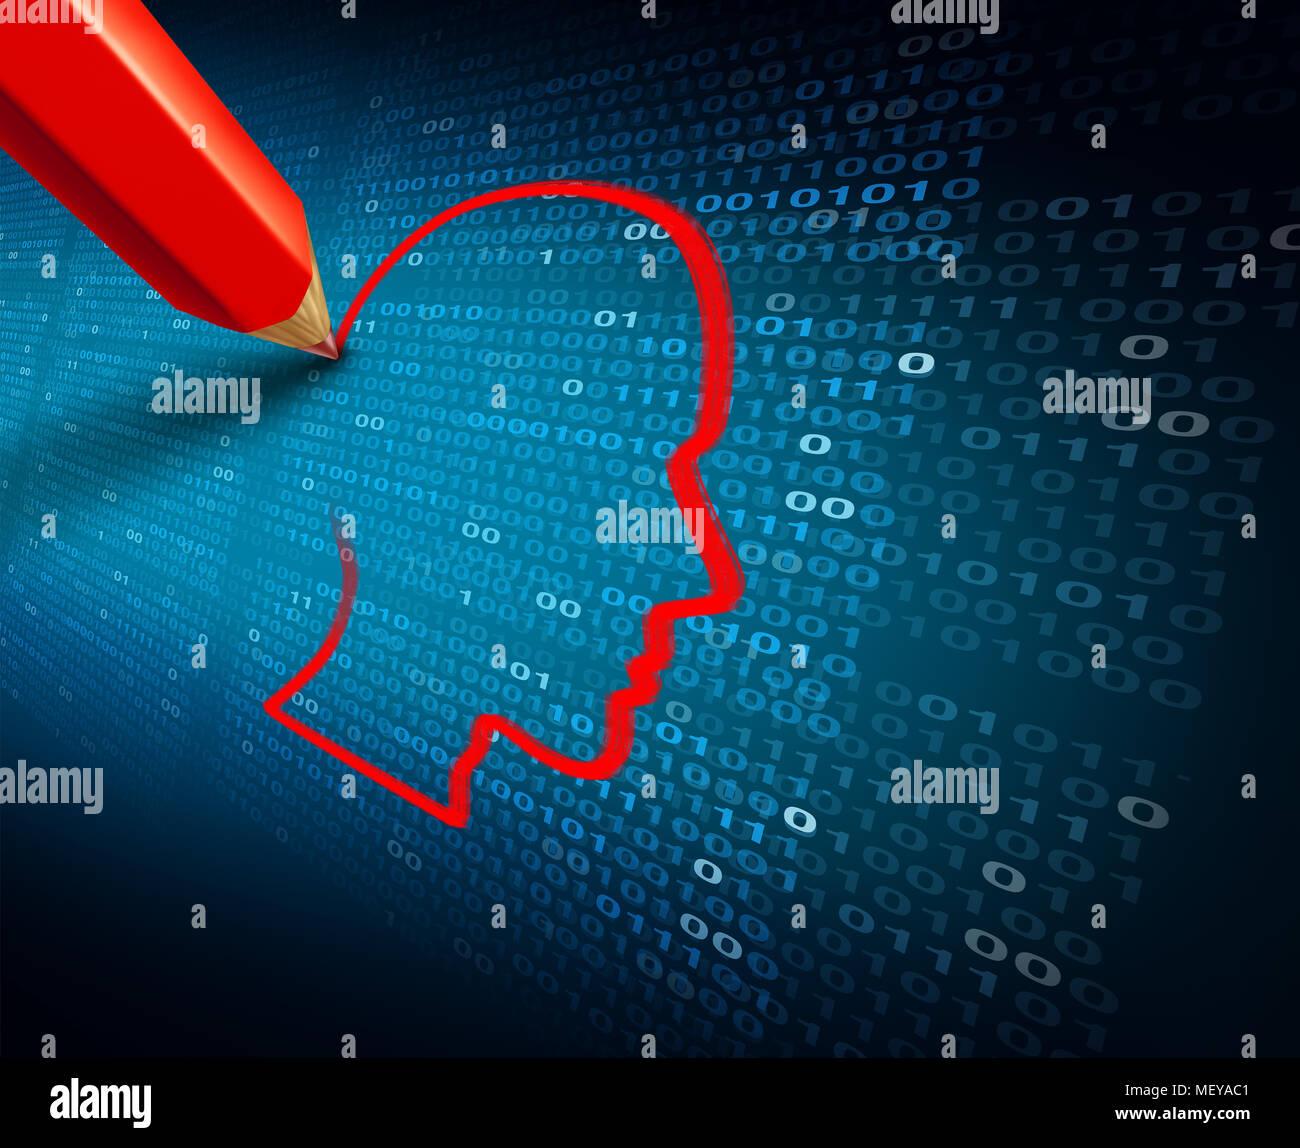 L'hameçonnage et vol de données privées hack et les renseignements personnels en tant que en tant que la cybercriminalité ou cyber crime social media concept de sécurité. Banque D'Images